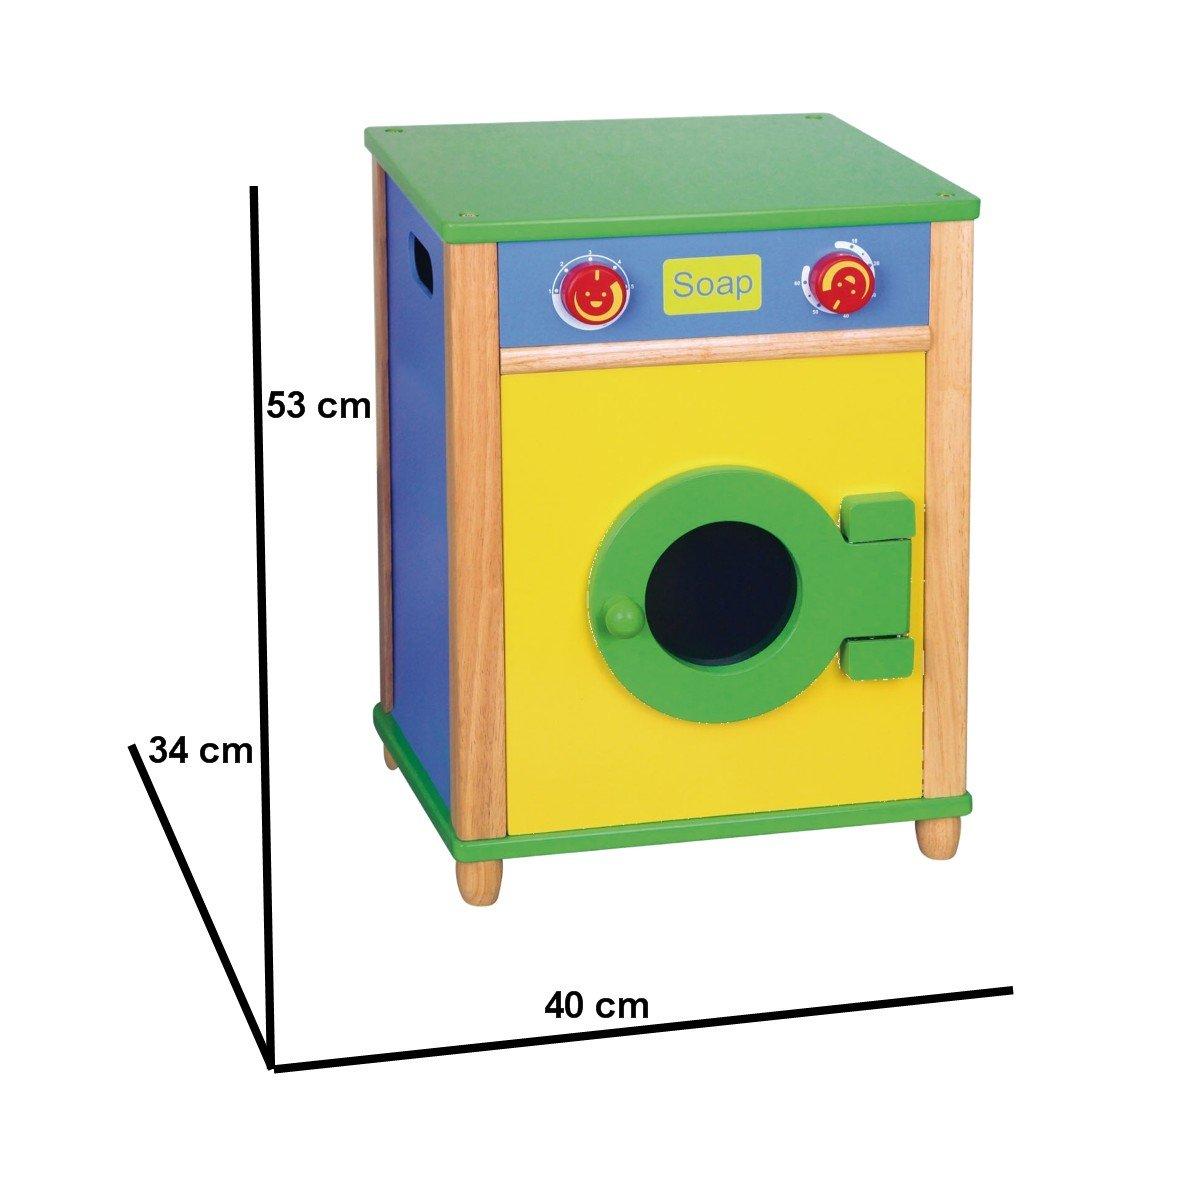 Cucina per bambini Lavatrice di Legno naturale: Amazon.it: Giochi ...